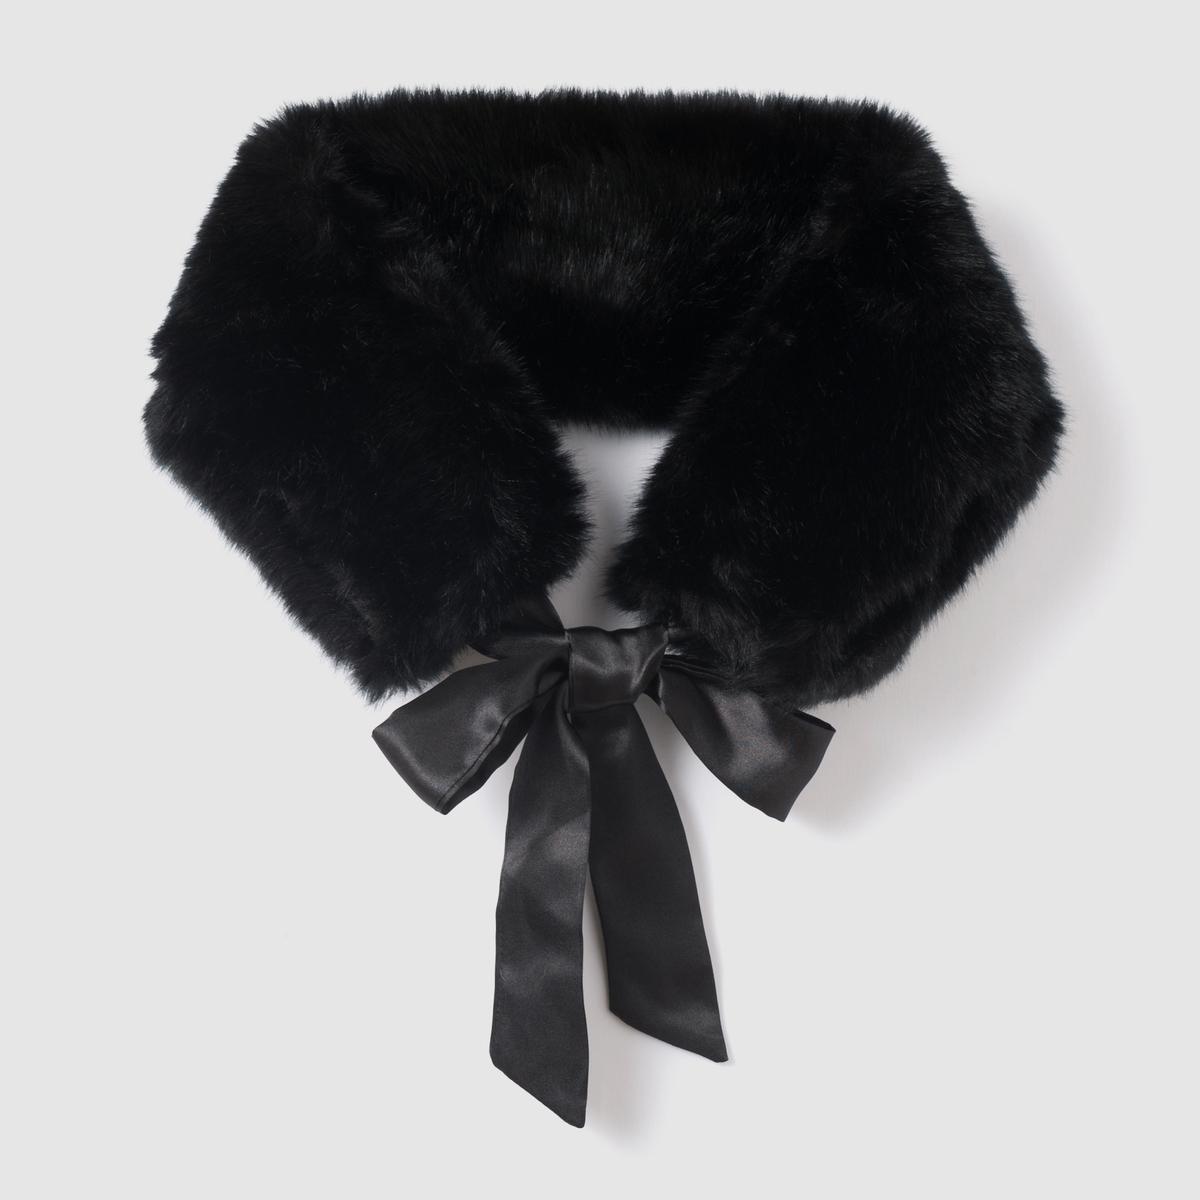 Воротник из искусственного меха, бантВоротник из искусственного меха, бант, Anne Weyburn.Очаровательный воротник из искусственного меха с завязками для пальто, пуловера, для большей женственности и утонченности зимнего гардероба.  Воротник из искусственного меха, 100% полиэстера.Завязки из сатиновой ленты.Размеры. : 65 см.<br><br>Цвет: черный